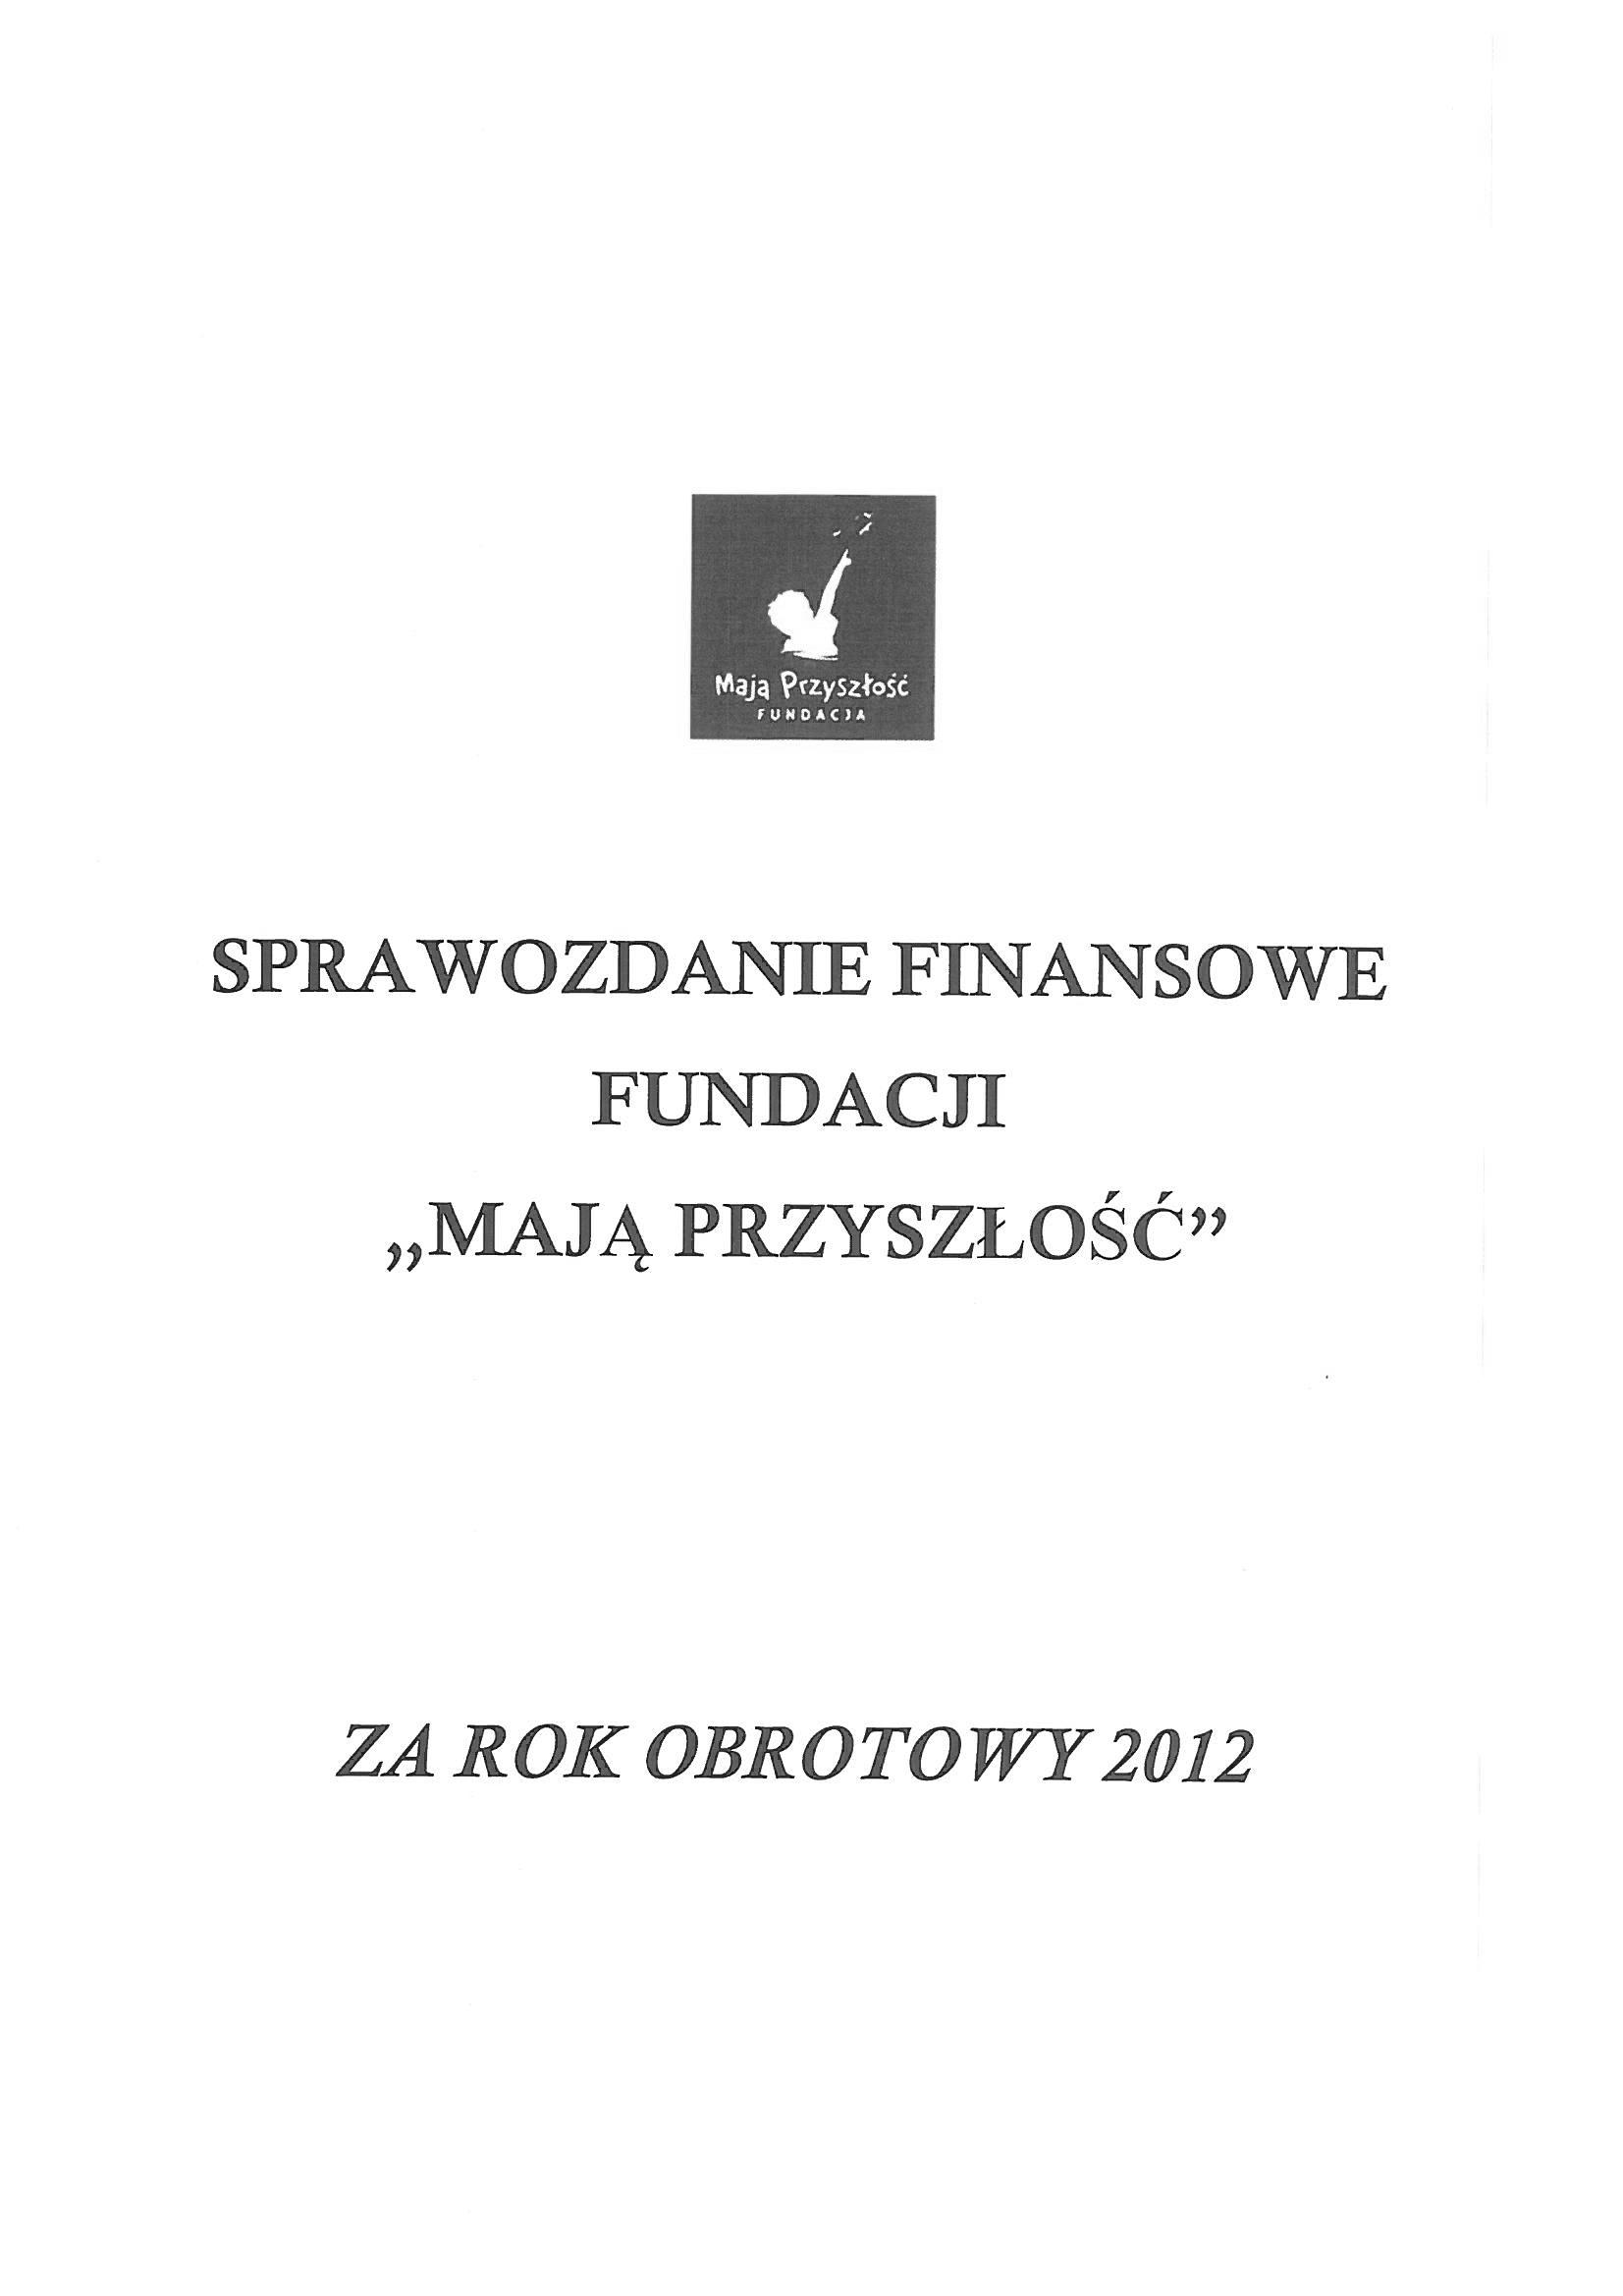 sprawozdanie-finansowe-FMP-2012_Page_0